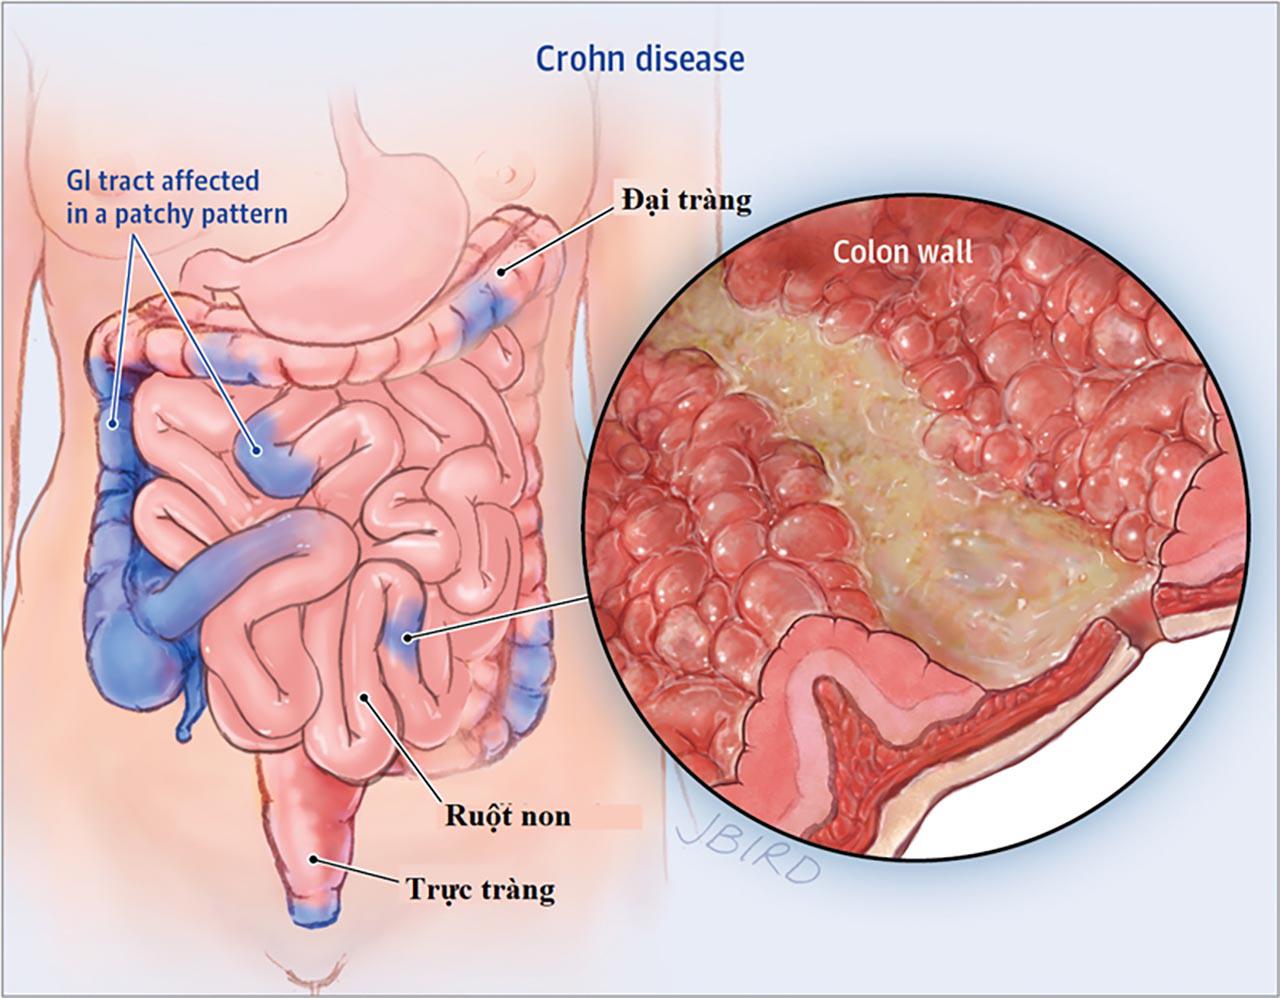 Tổng hợp] Thông tin cần biết về bệnh Crohn